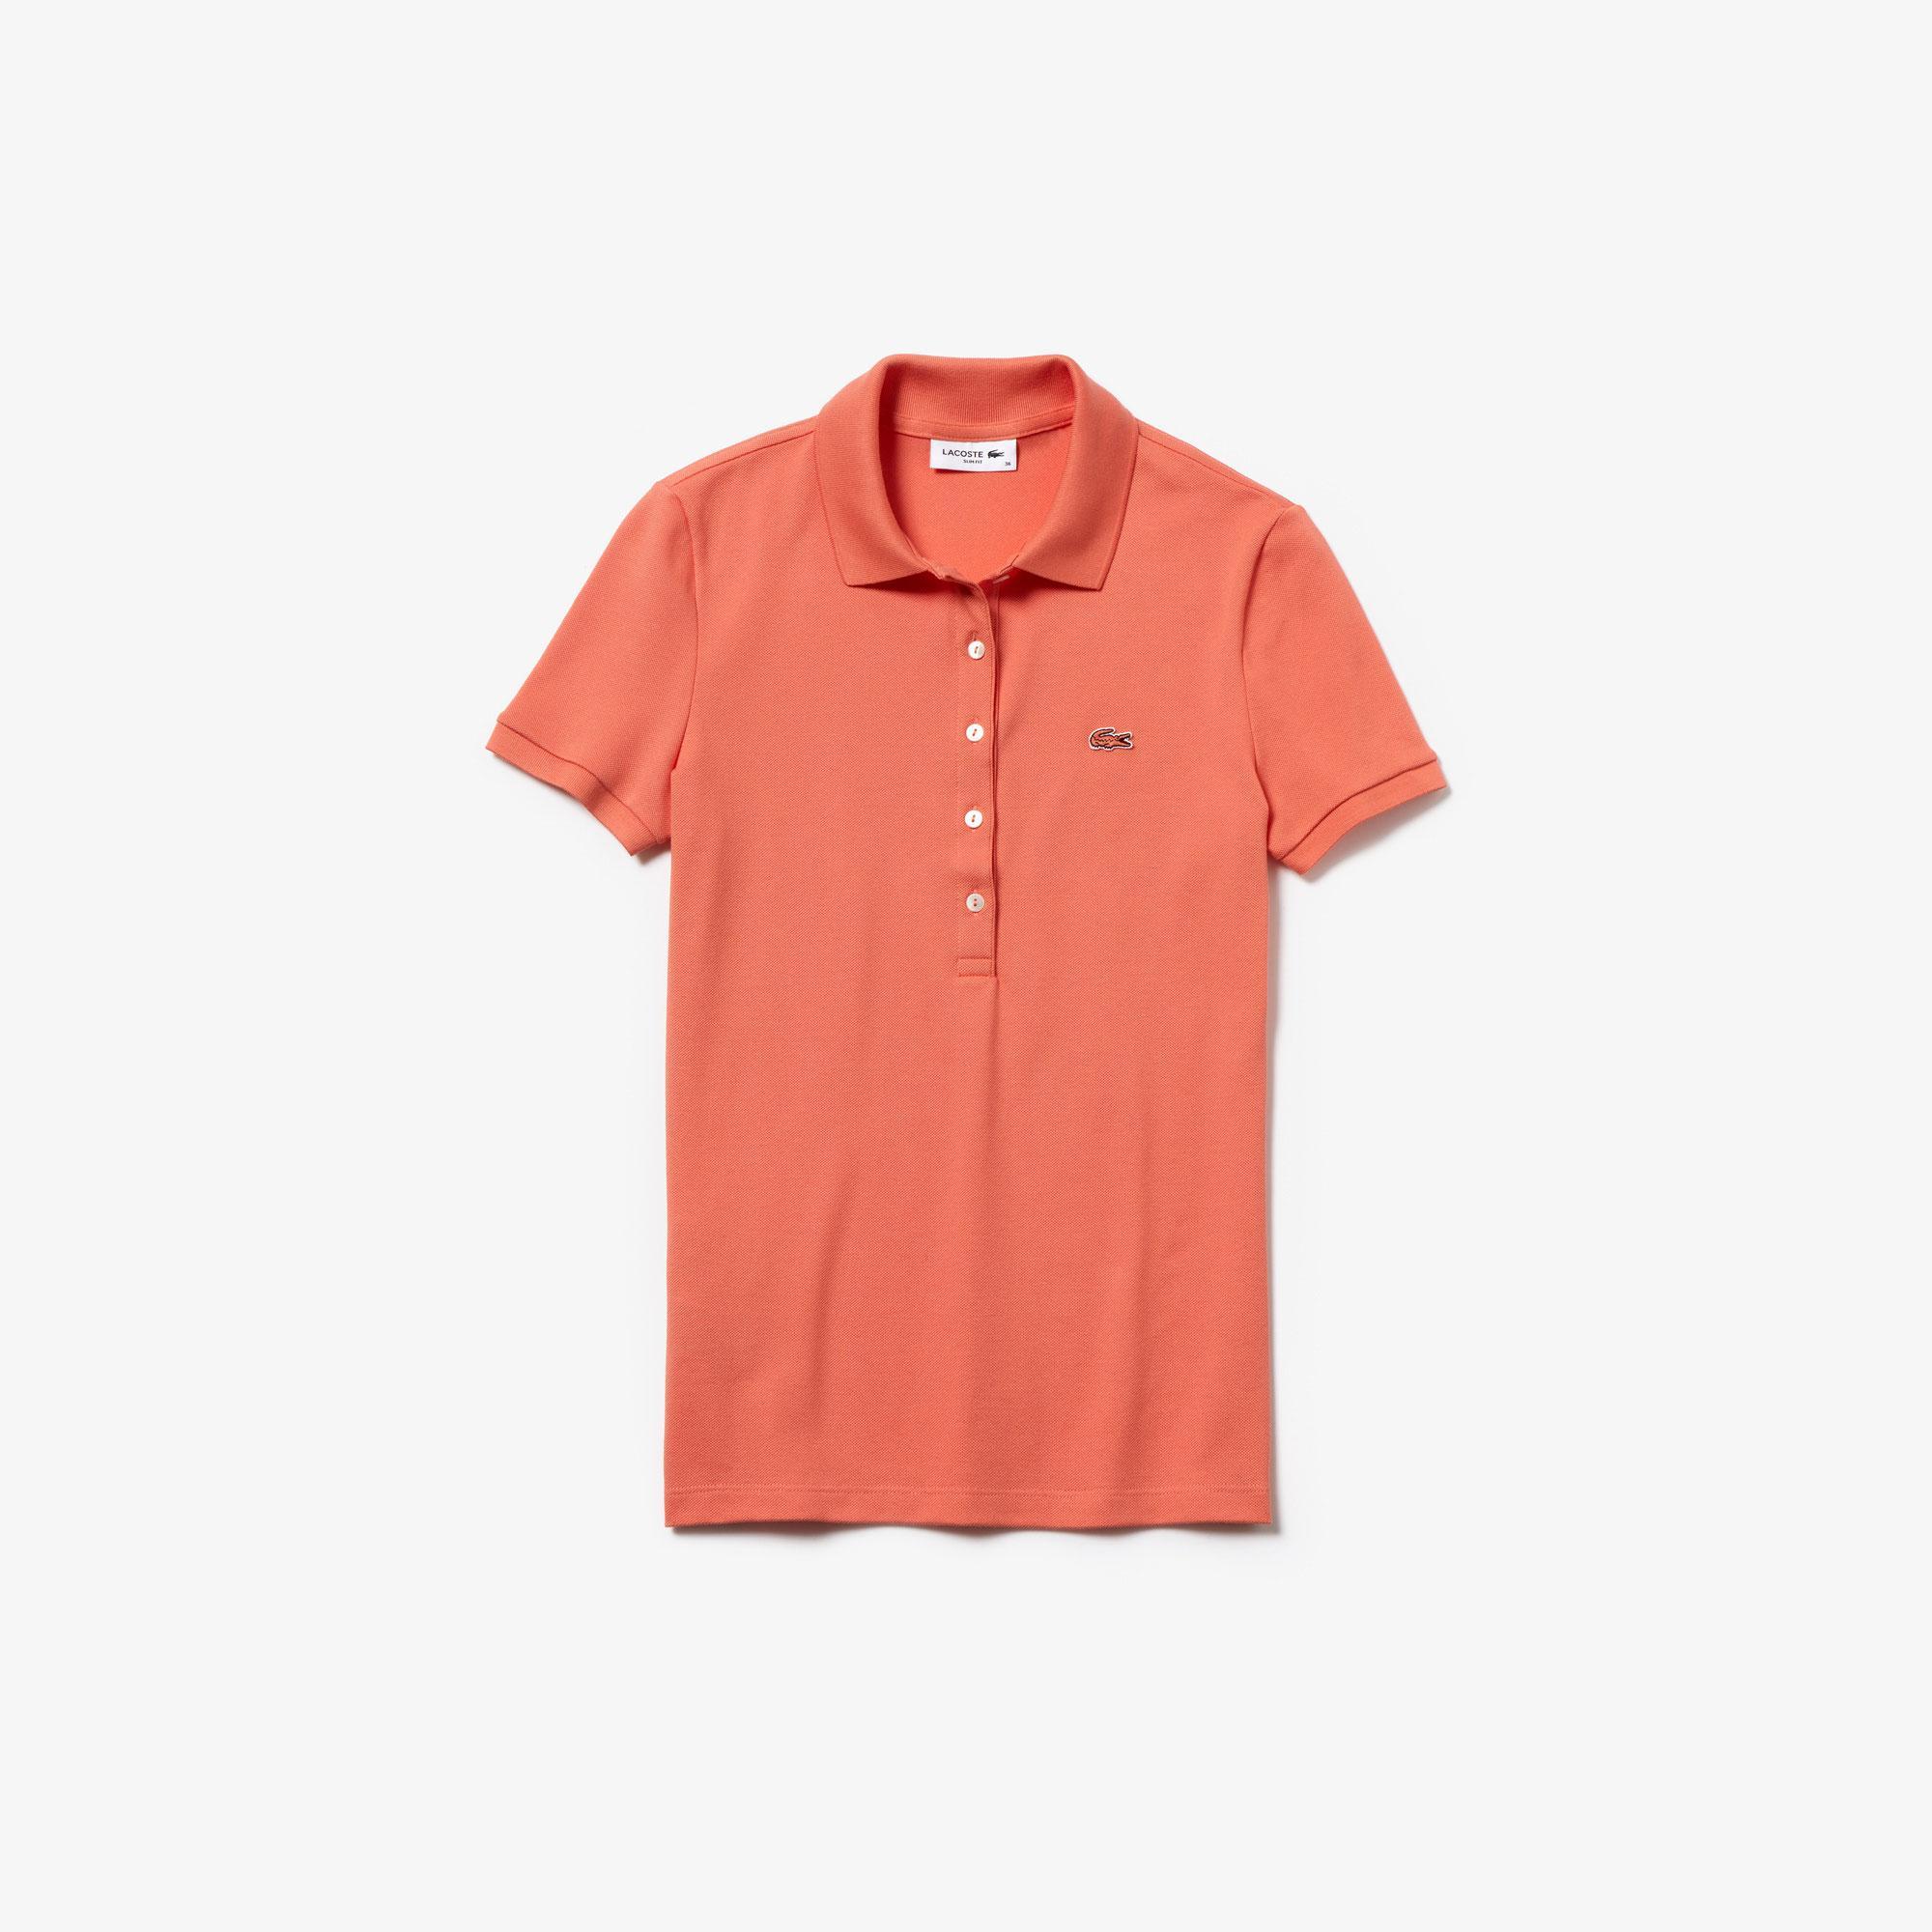 Lacoste Women's Slim Fit Stretch Mini Cotton Piqué Polo